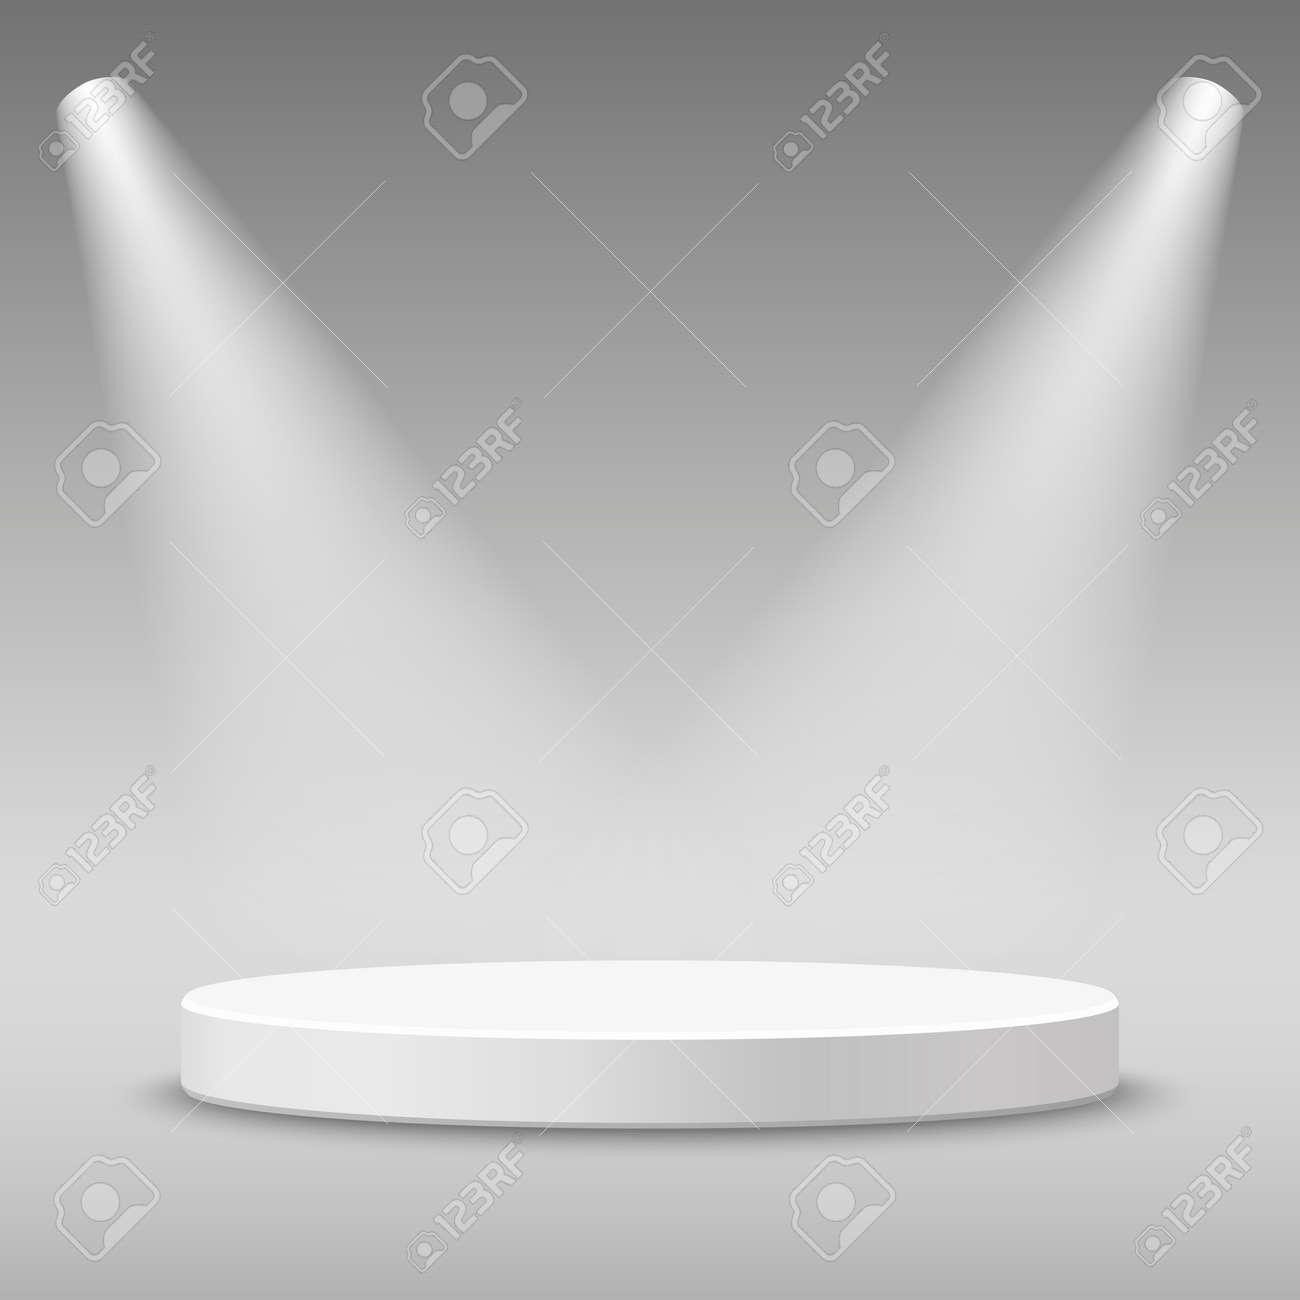 Illuminated round stage podium pedestal. illustration. - 53902027